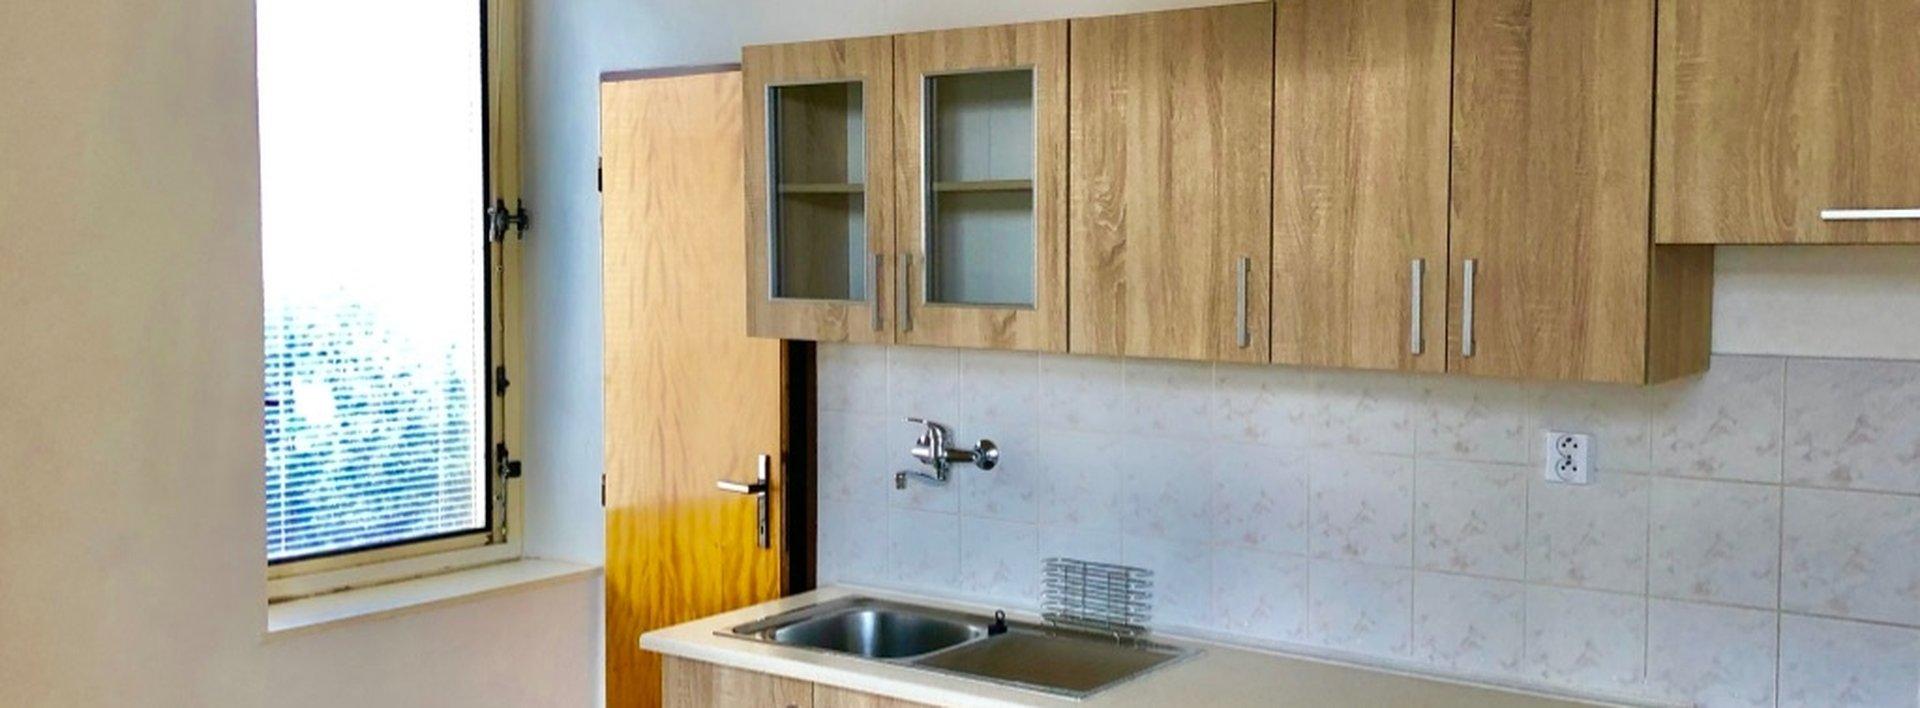 Prostorný byt 2+1 v cihlovém domě, 68 m², LBC - Americká ul., Ev.č.: N48670